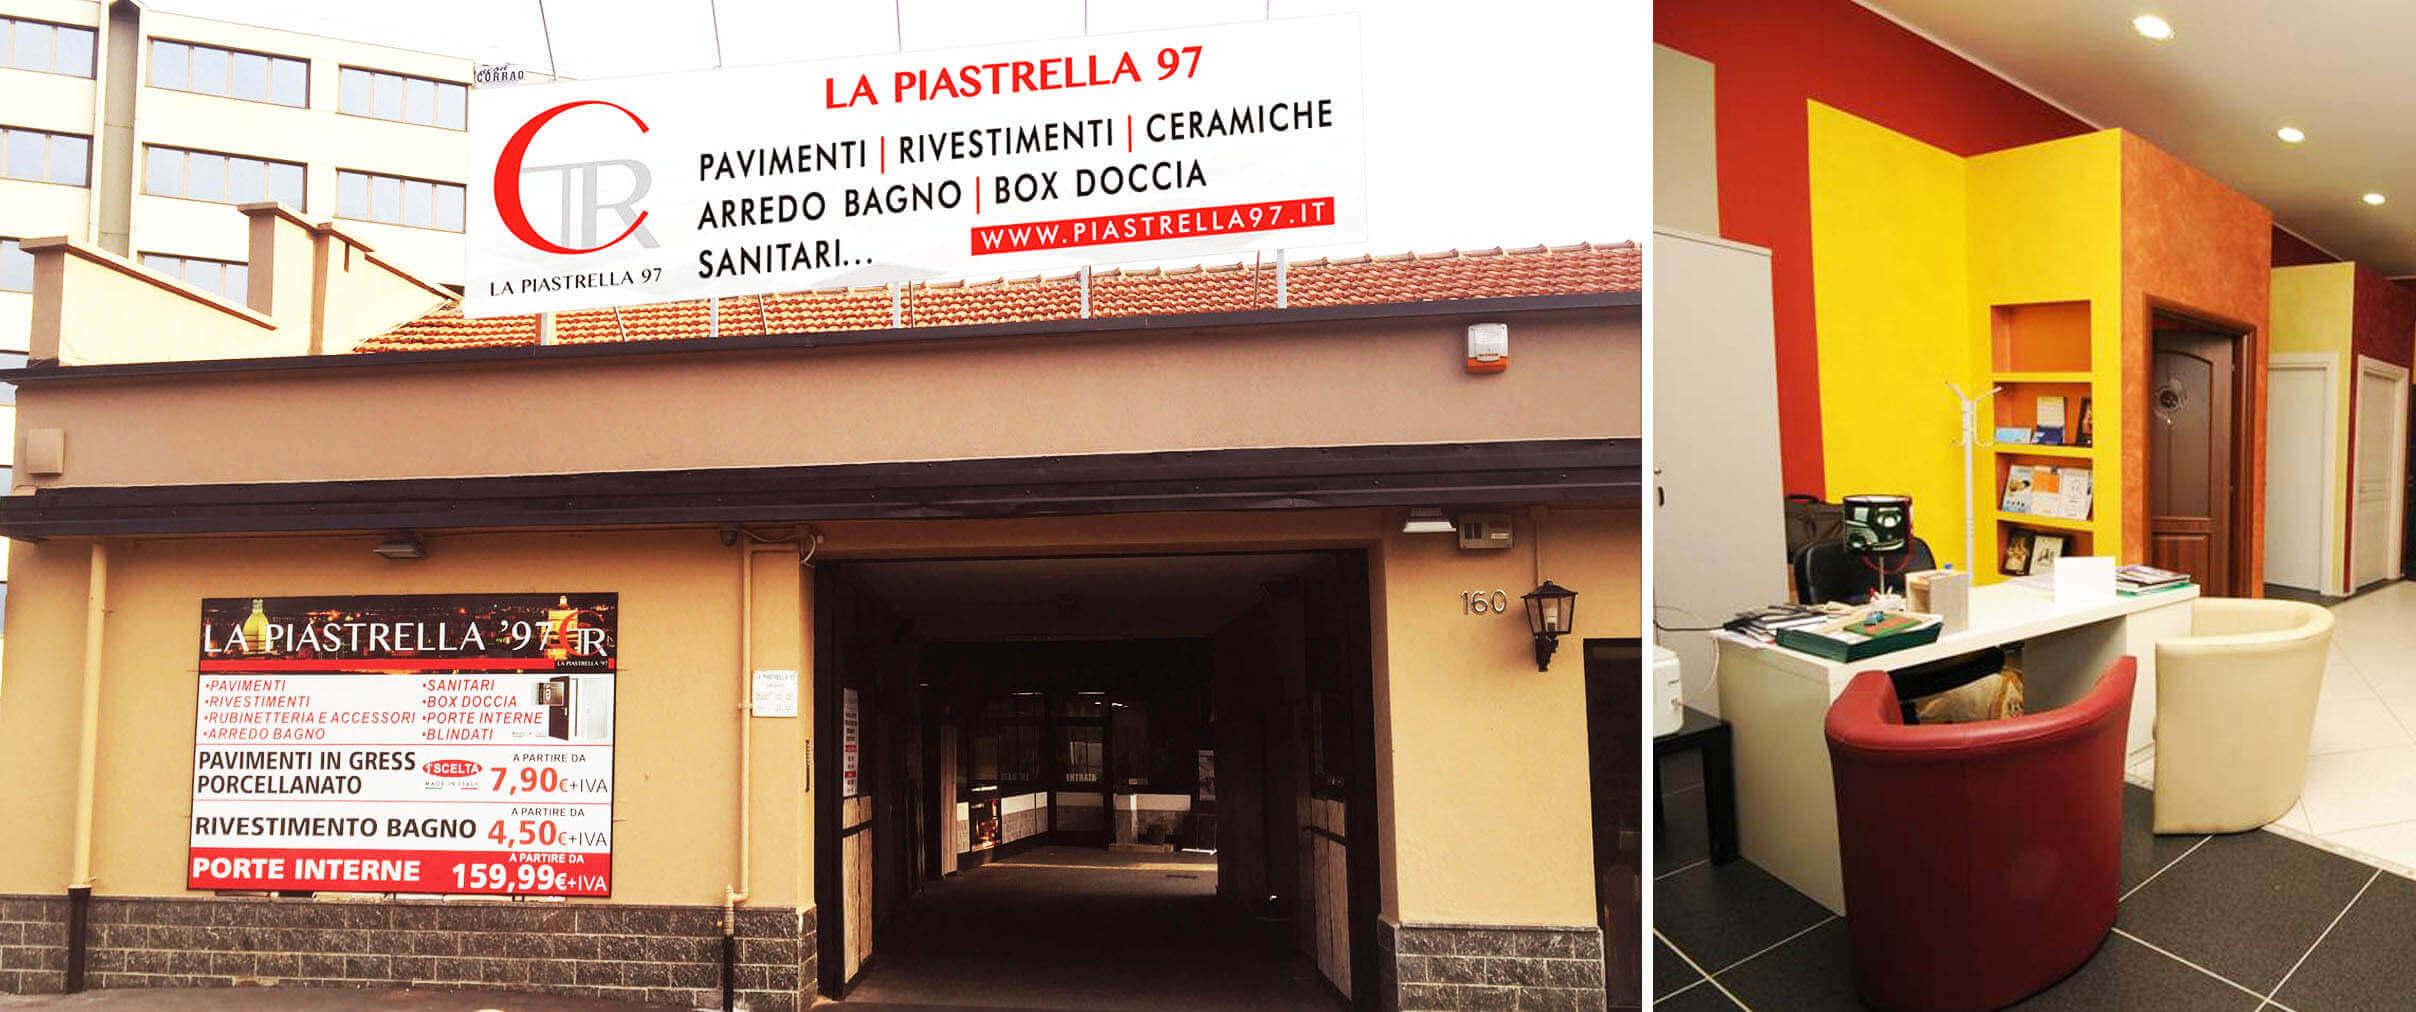 La Piastrella 97 a Collegno in provincia di Torino